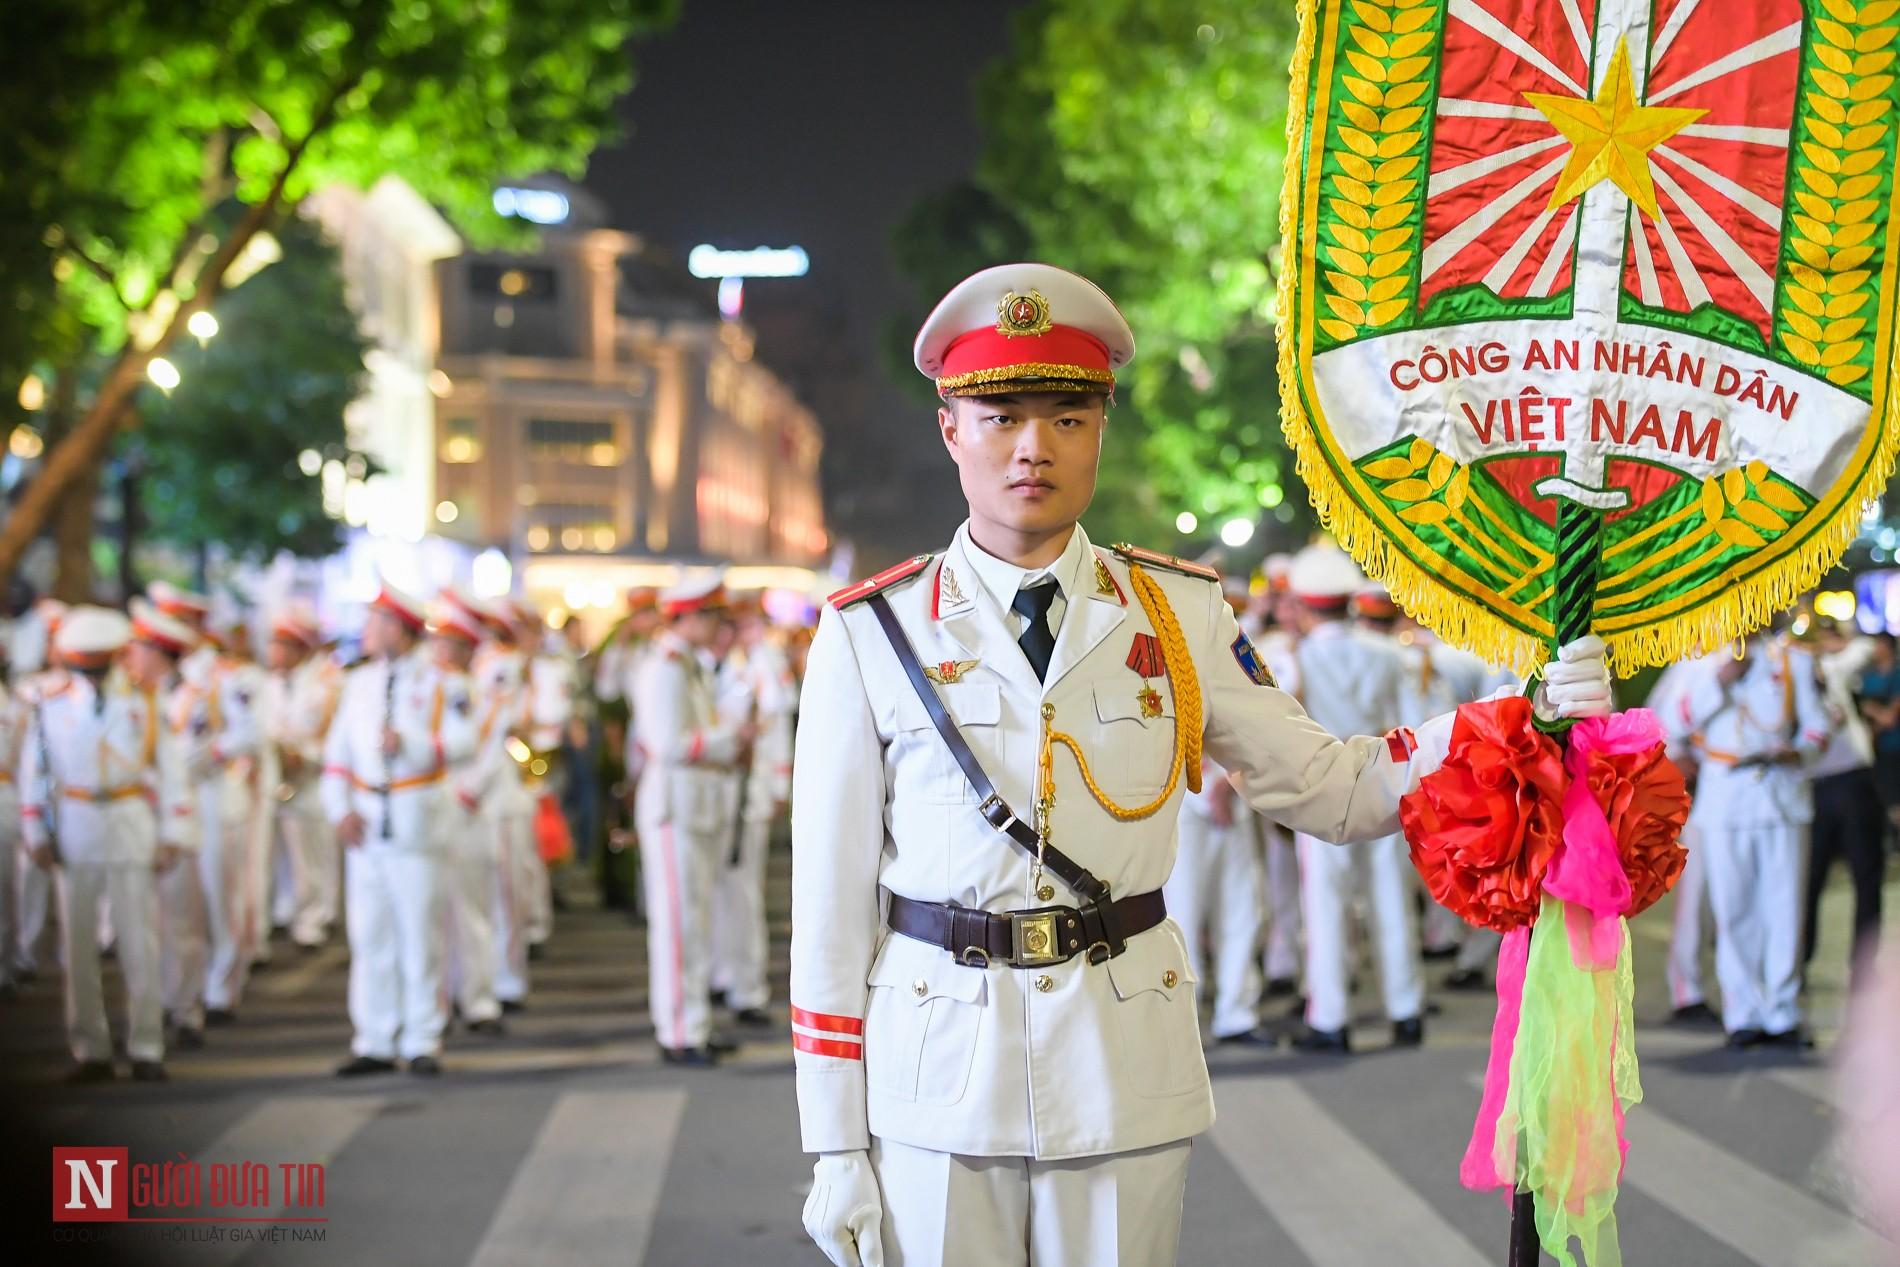 Đoàn nghi lễ Công an Nhân dân lần đầu tiên diểu diễn tại phố đi bộ hồ Hoàn Kiếm 1